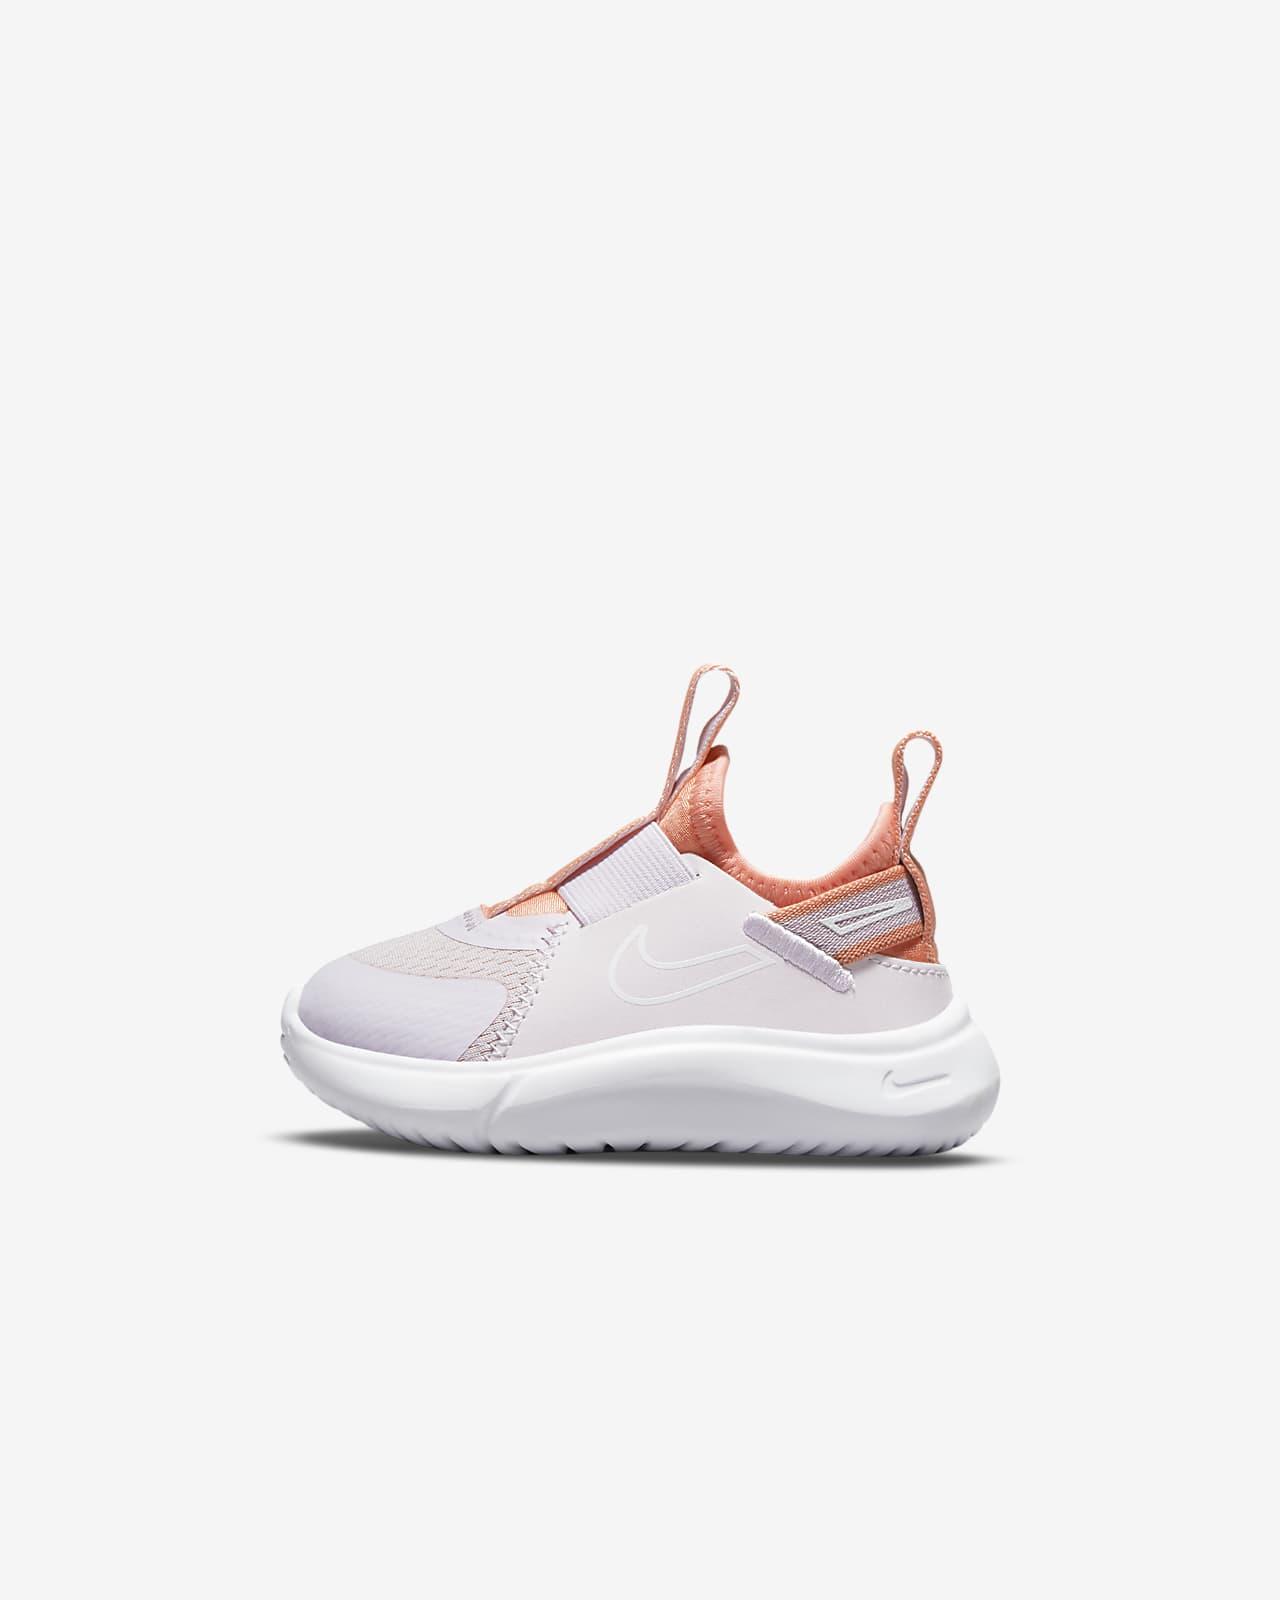 Calzado para bebé e infantil Nike Flex Plus